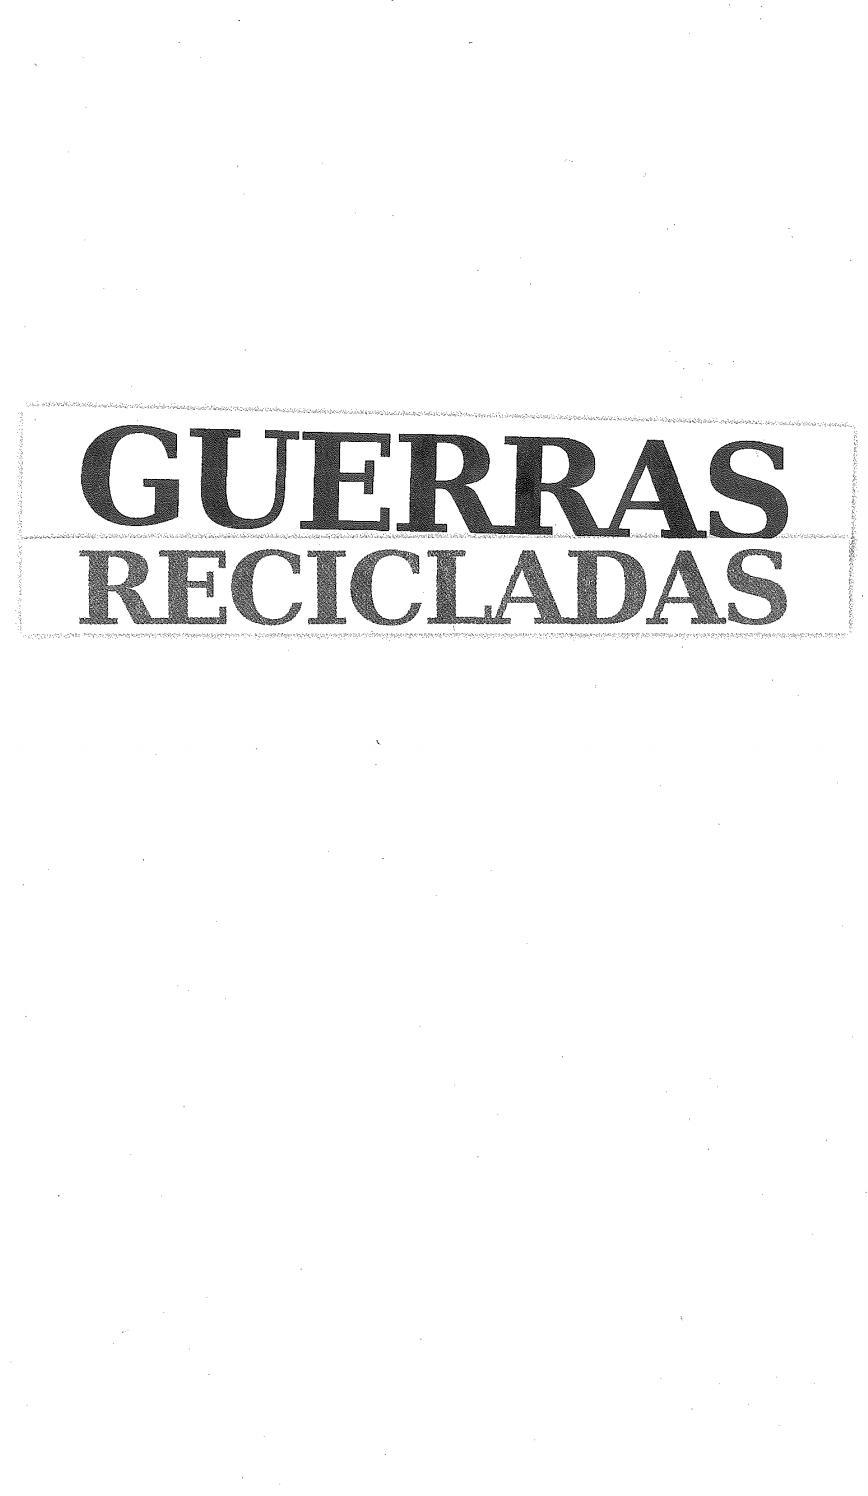 Guerras recicladas by Andres Duarte Mma Parkour - issuu 09572d376be